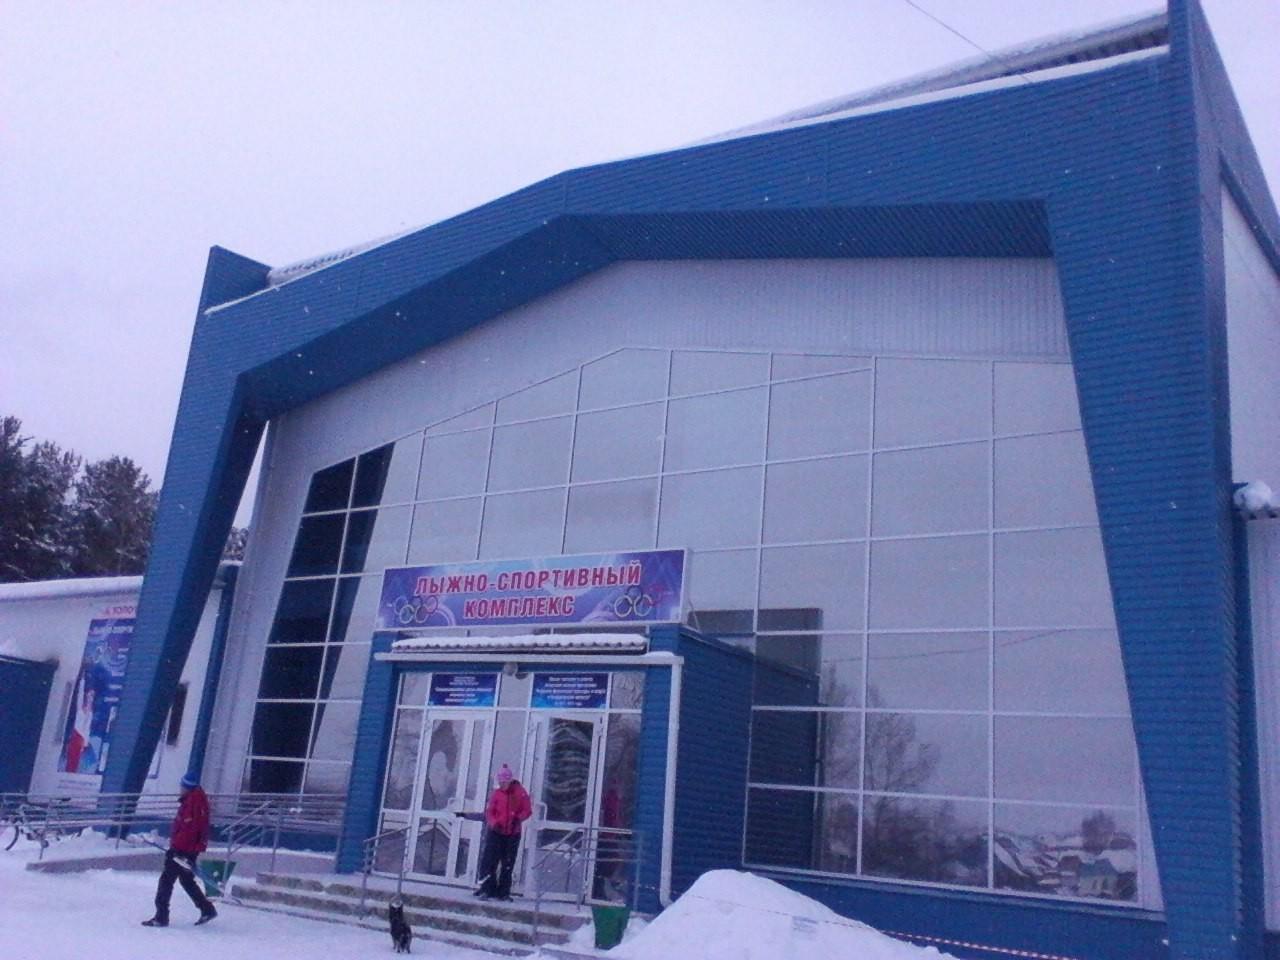 Новая лыжная база в Краснотурьинске